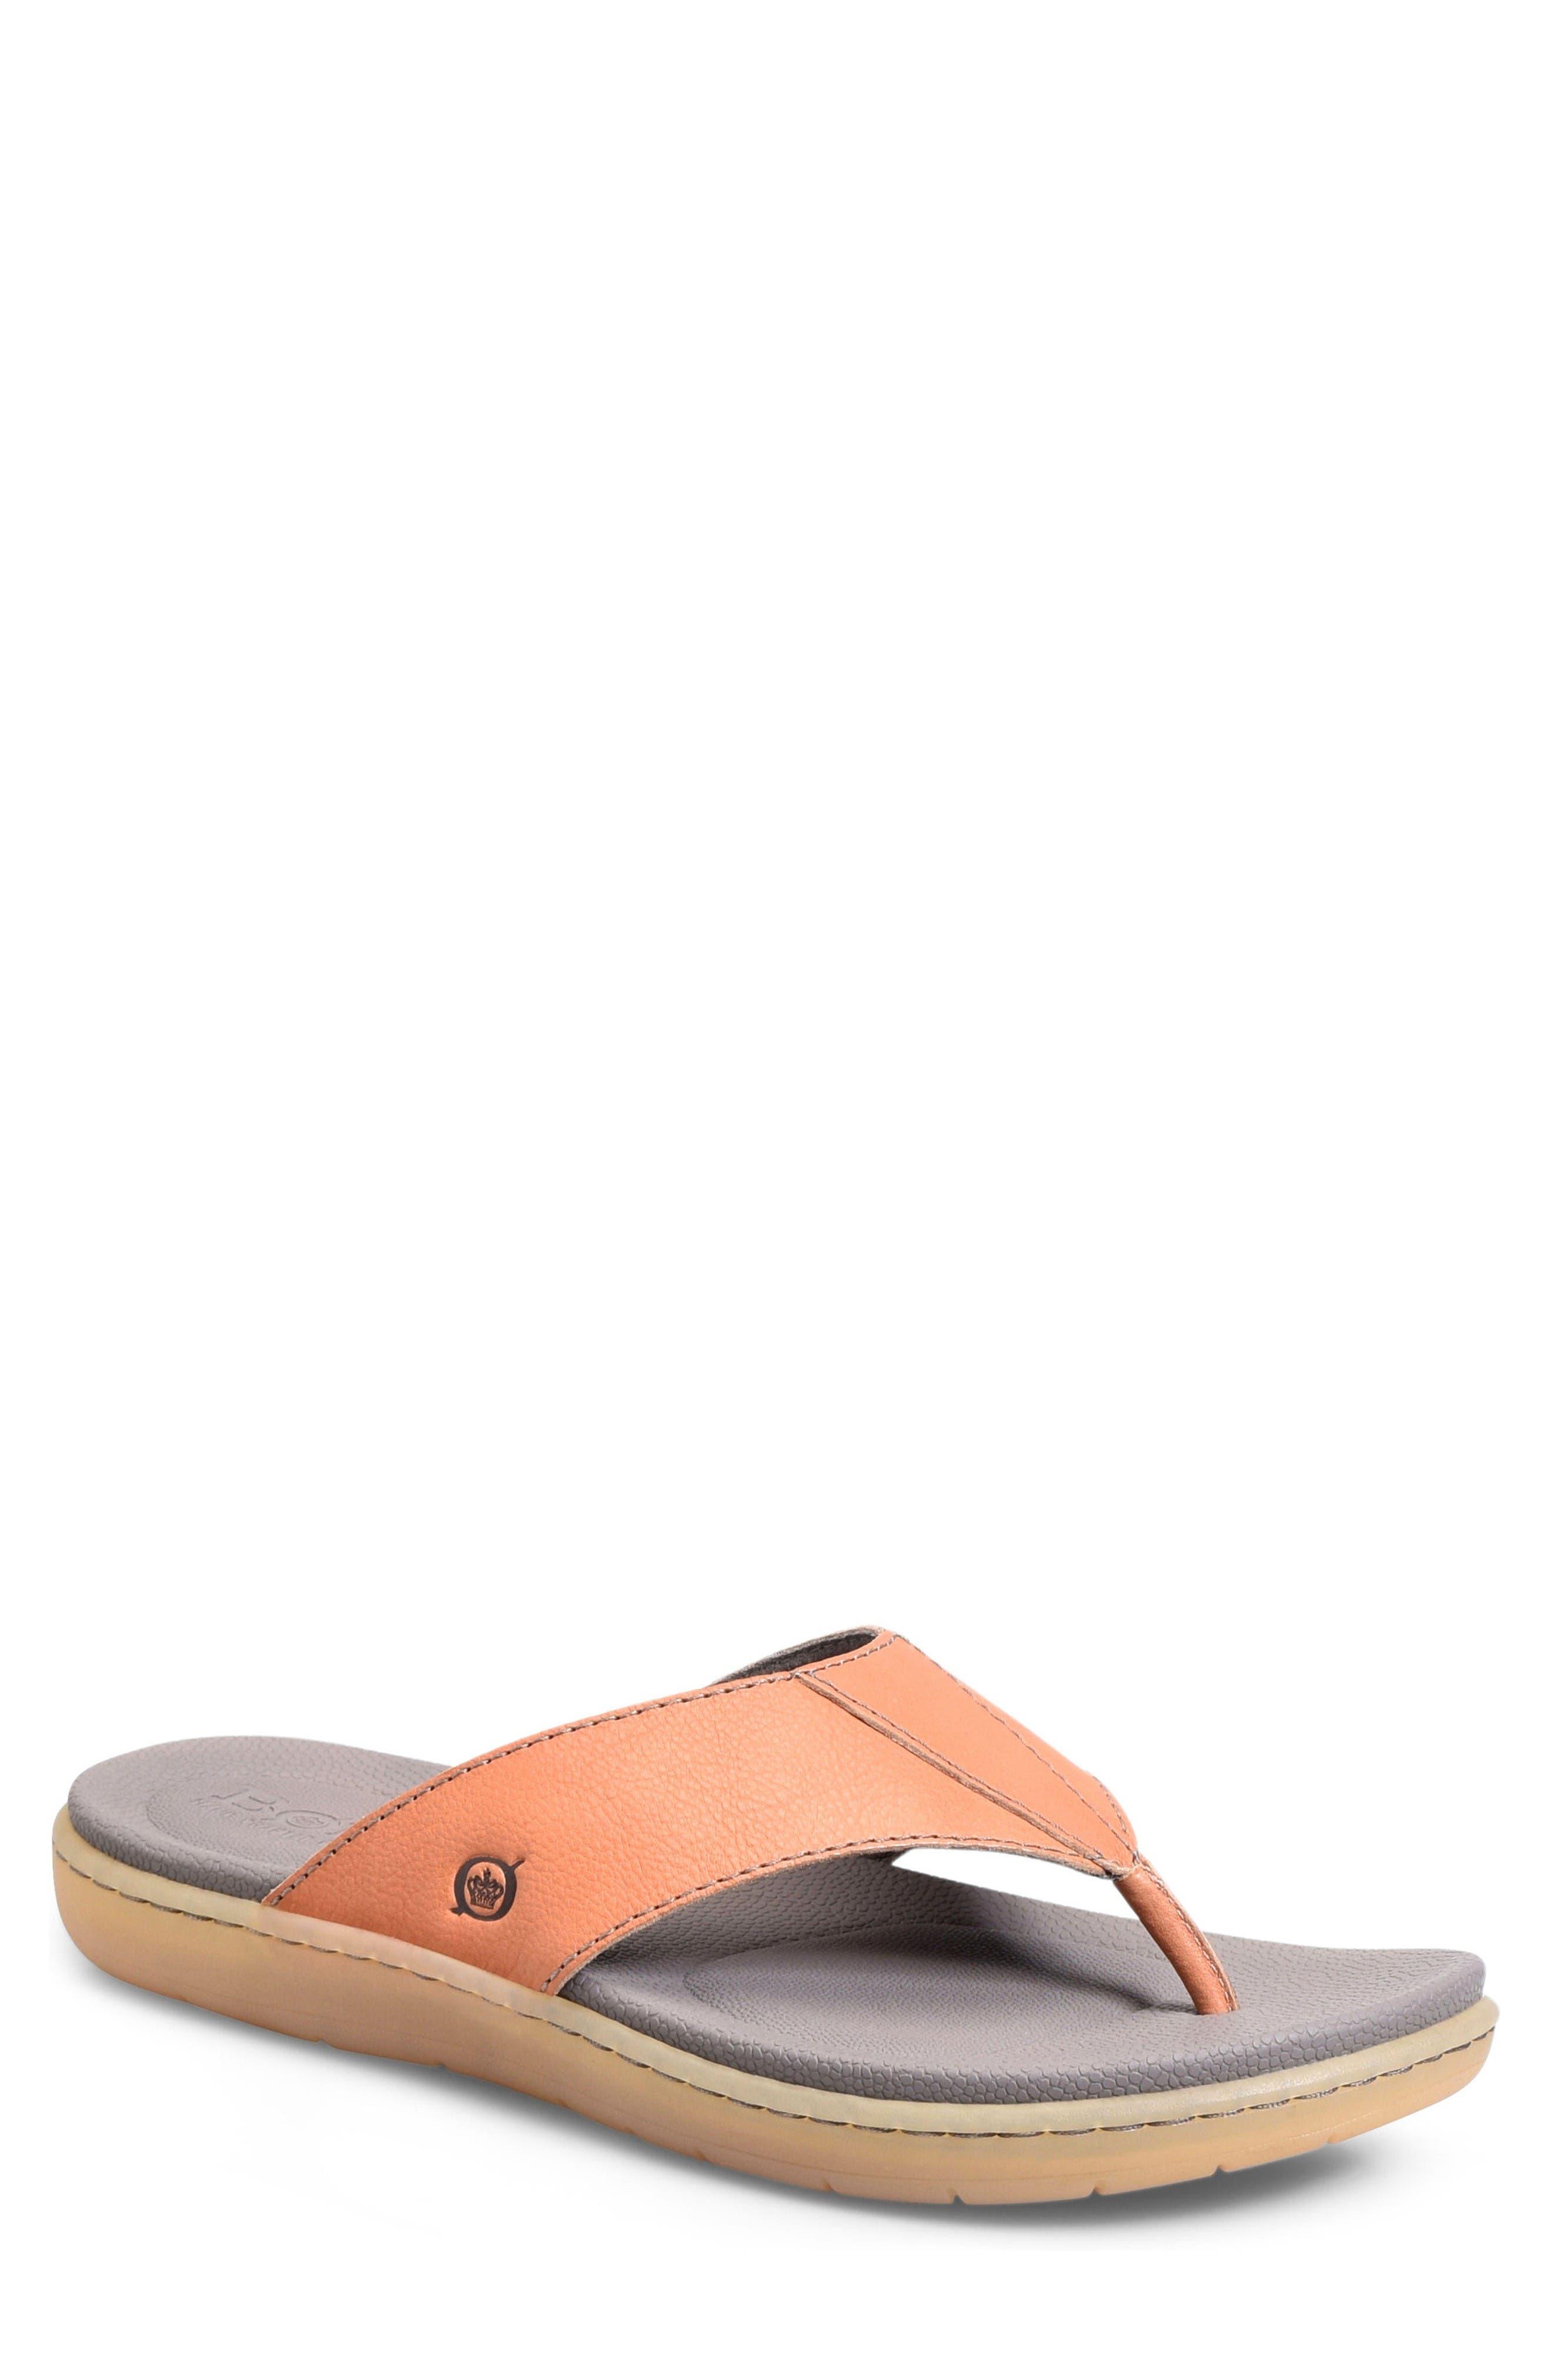 Cedro Flip Flop,                         Main,                         color, Orange